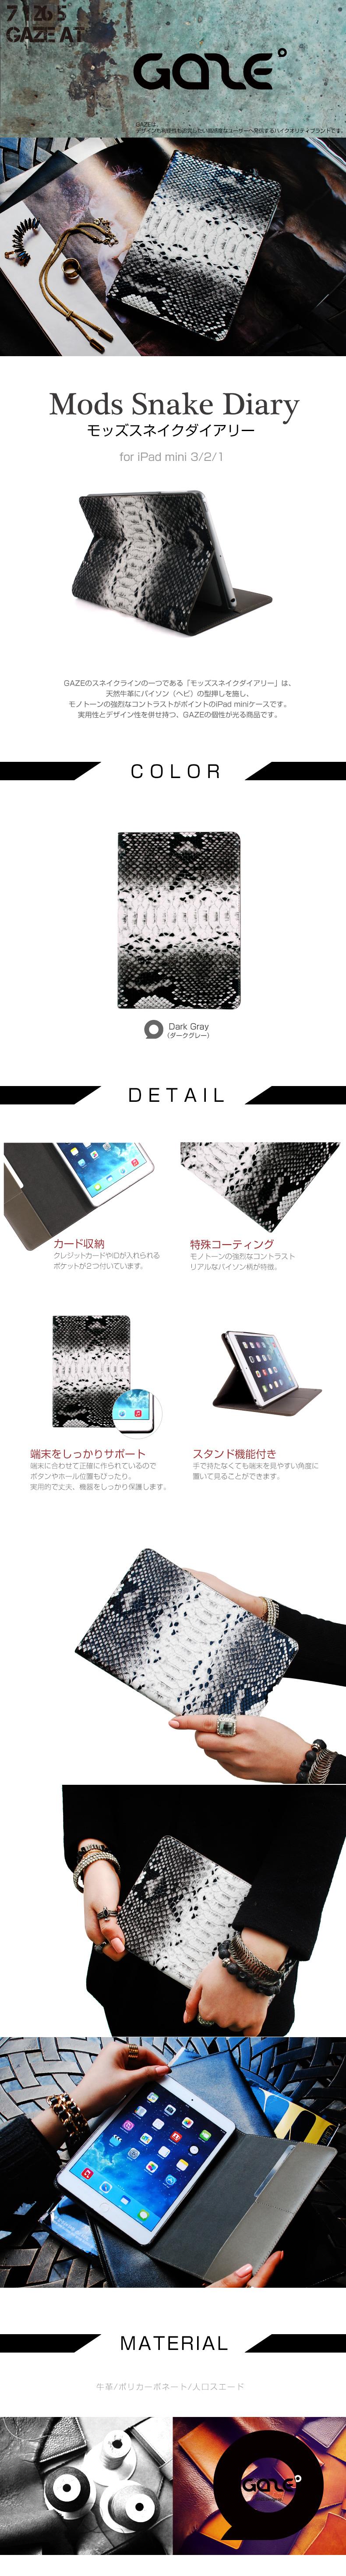 商品詳細-iPadmini専用ケース